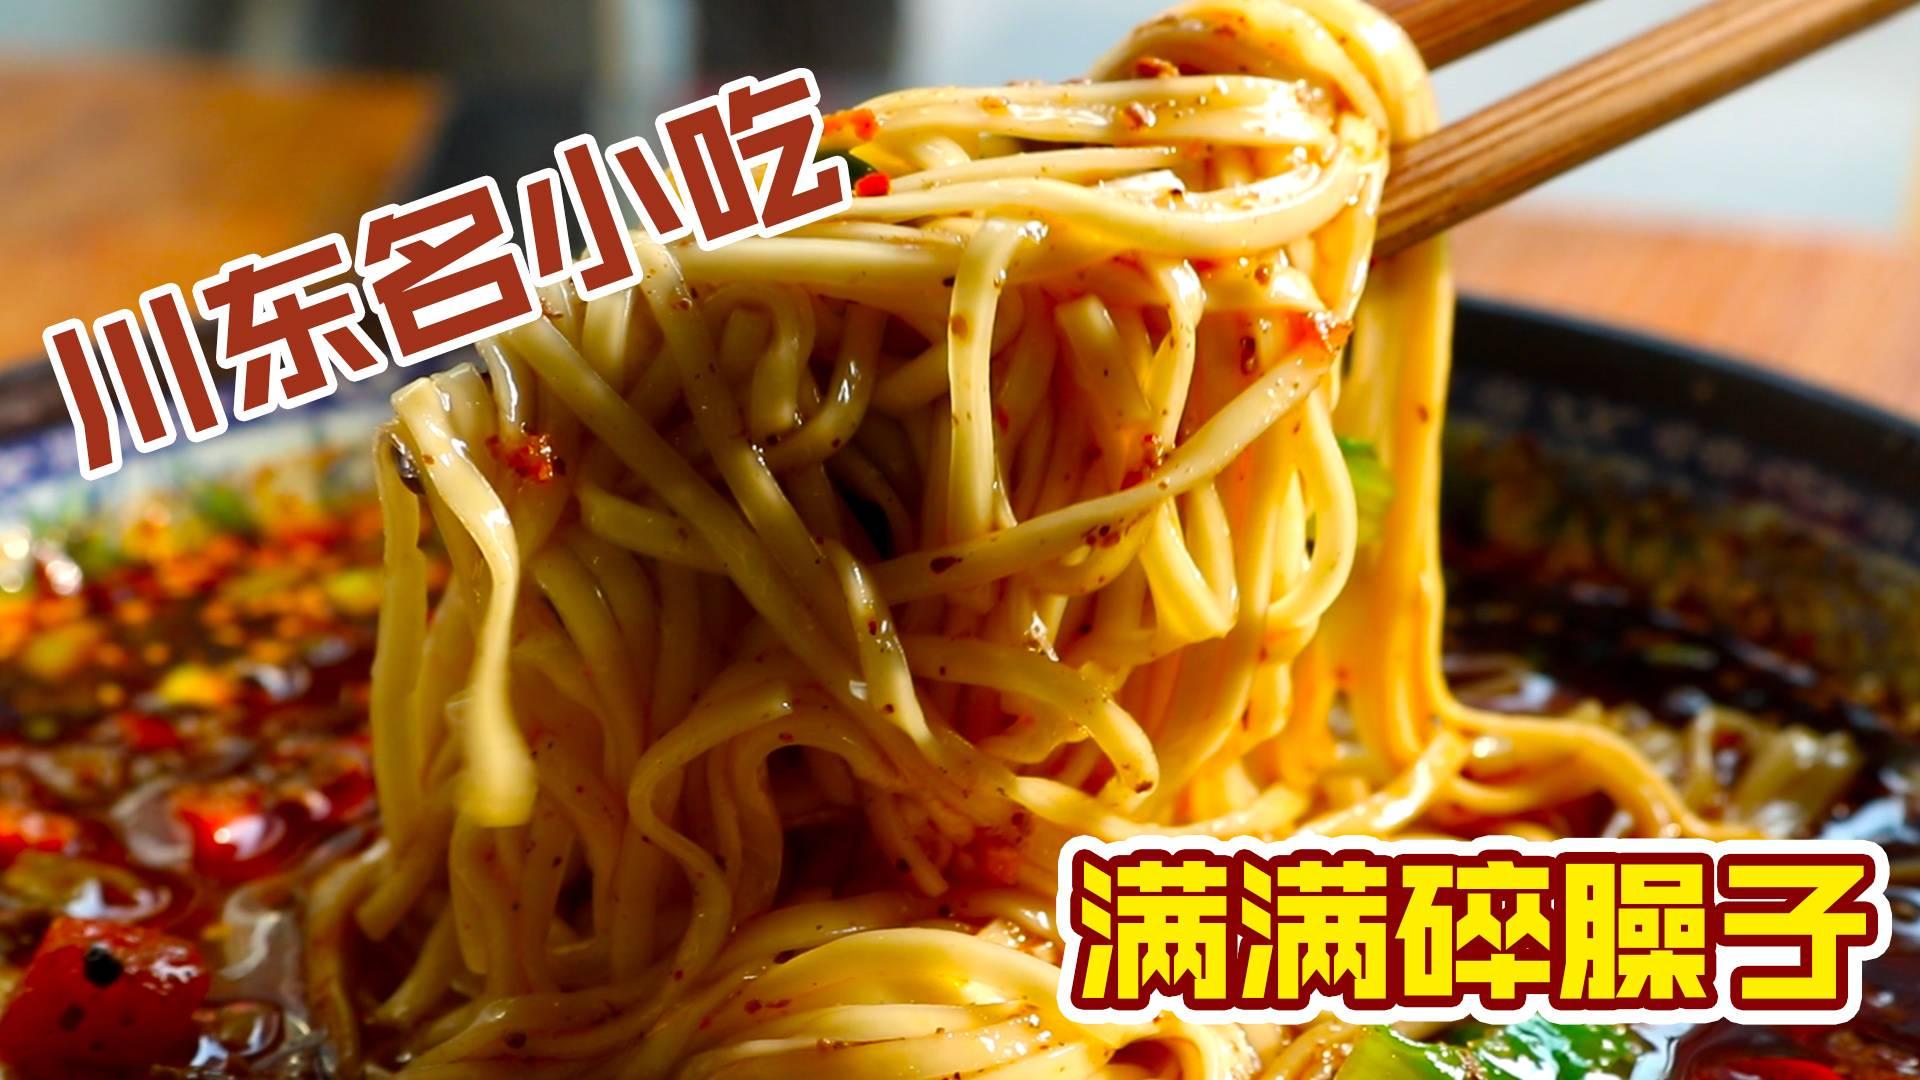 探店温江最知名的面馆,面臊子如碎花一般,本地人:想起就吞口水